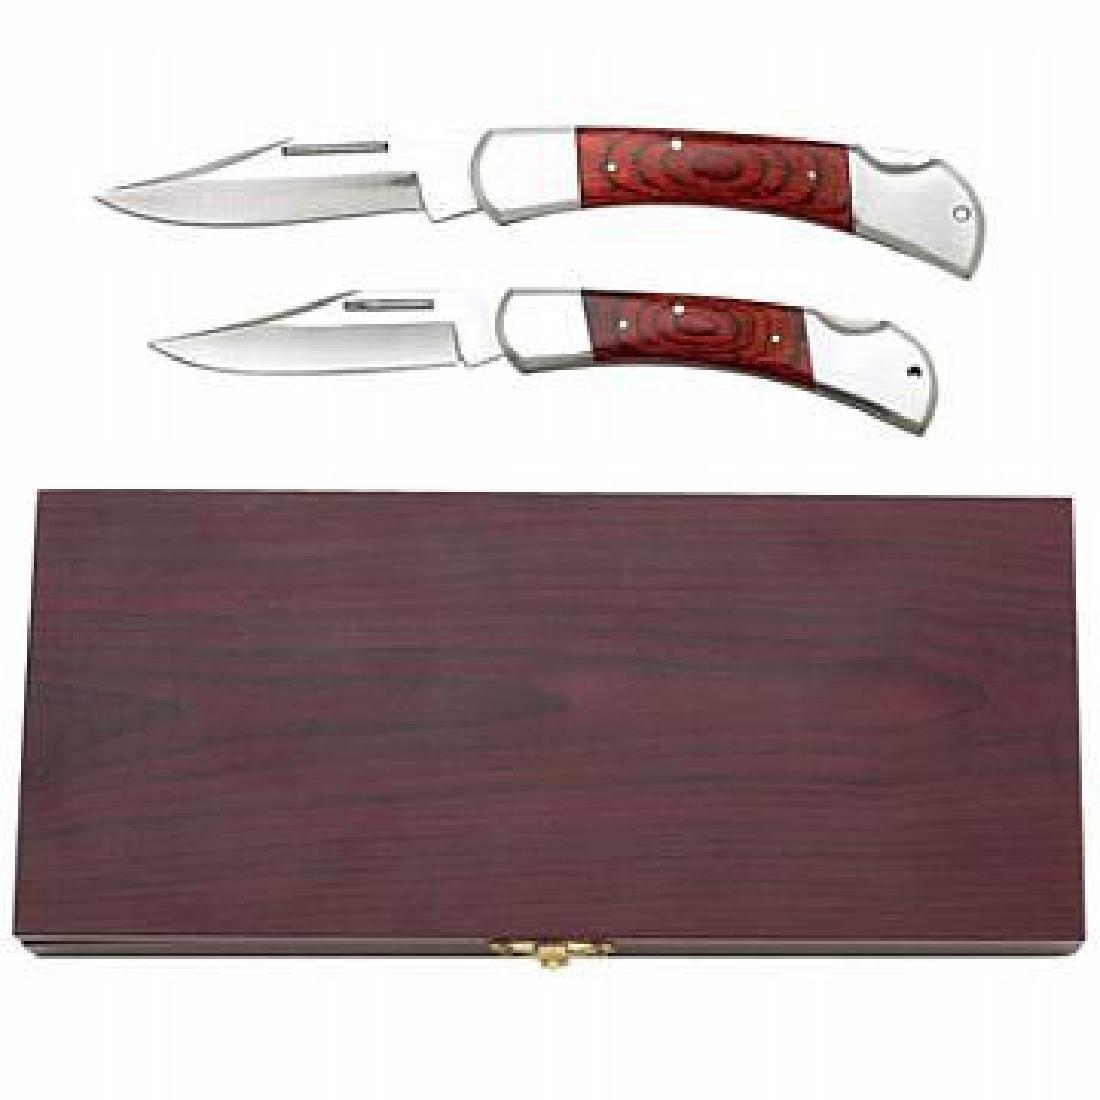 Maxam 2pc Lockback Knife Set in Wood Box